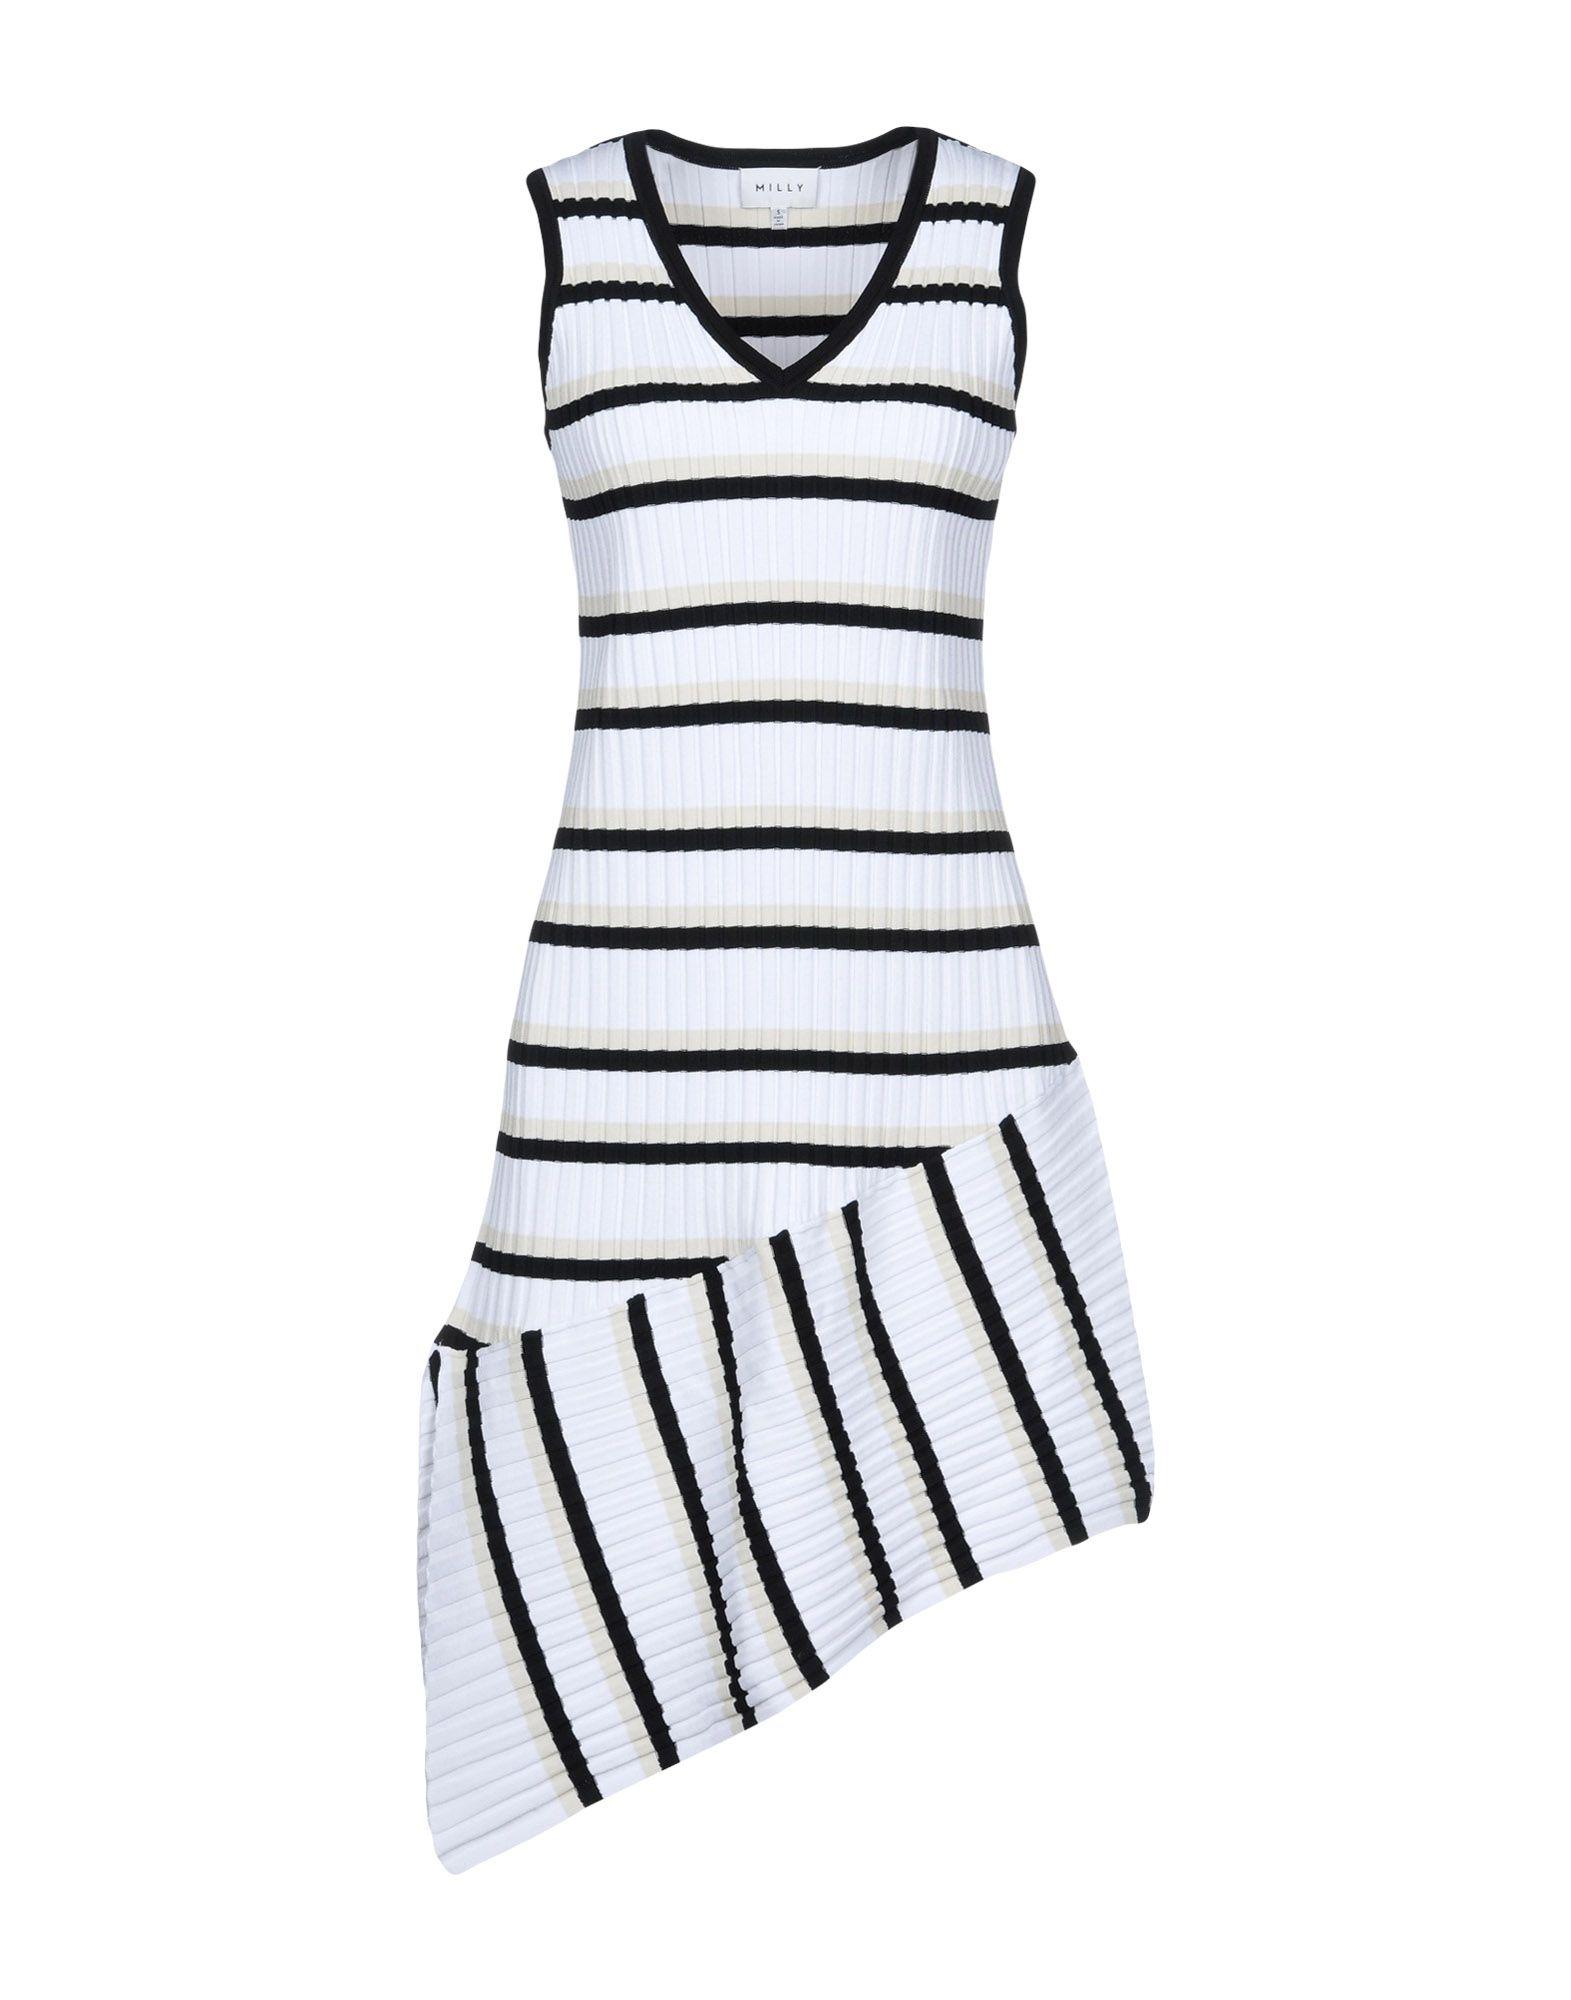 MILLY Короткое платье летом 2015 новый суд европы печати тонкая талия ретро платье без рукавов жилет юбка в конце детей